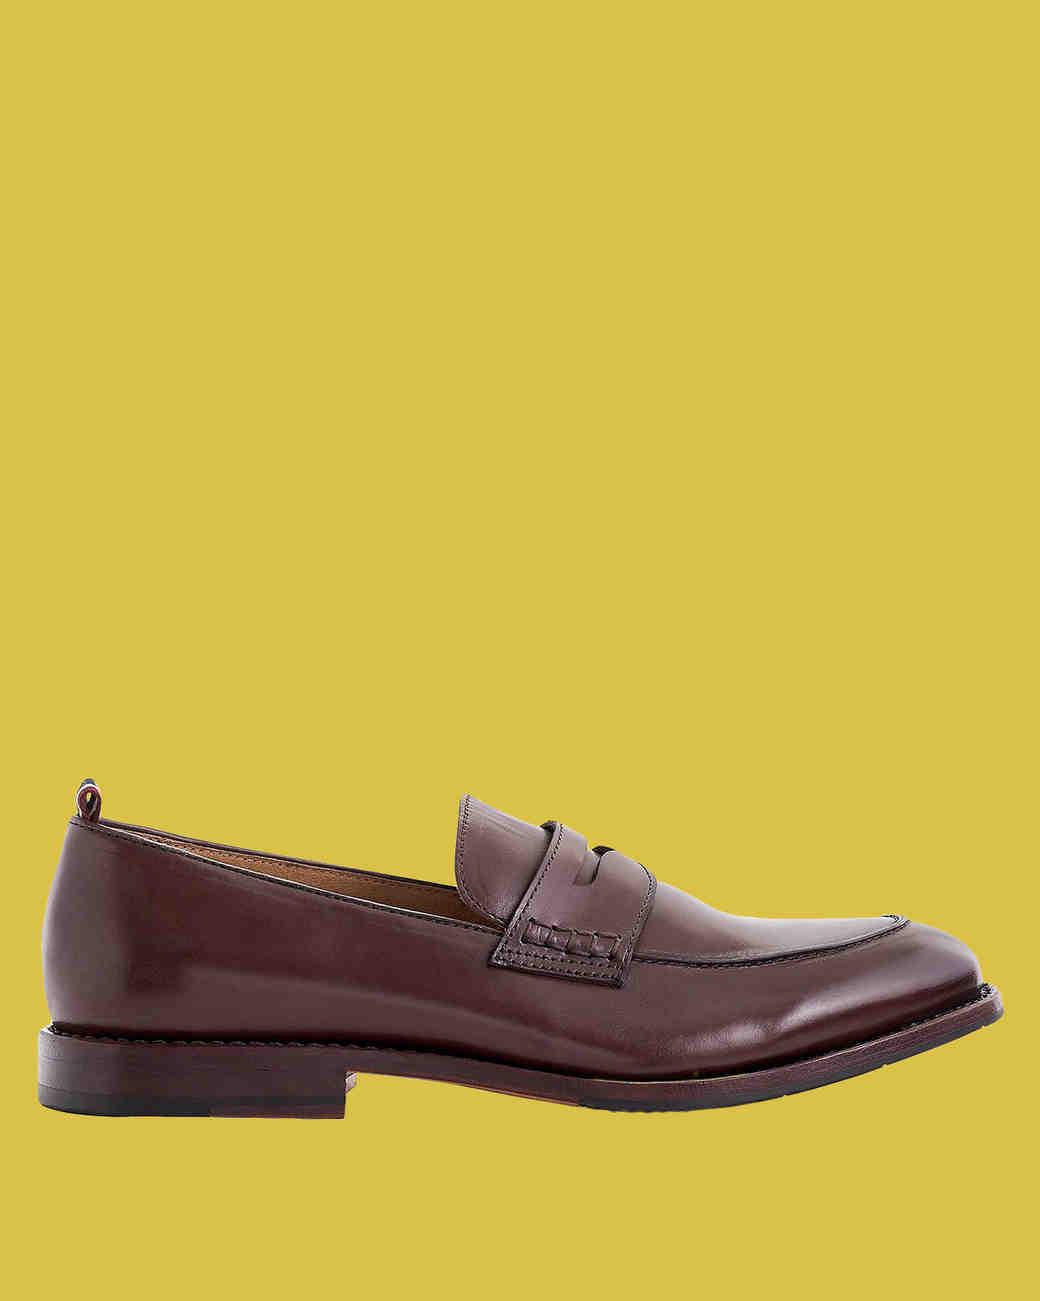 """J. Crew """"Oar Stripe"""" Penny Loafers in Italian Leather"""